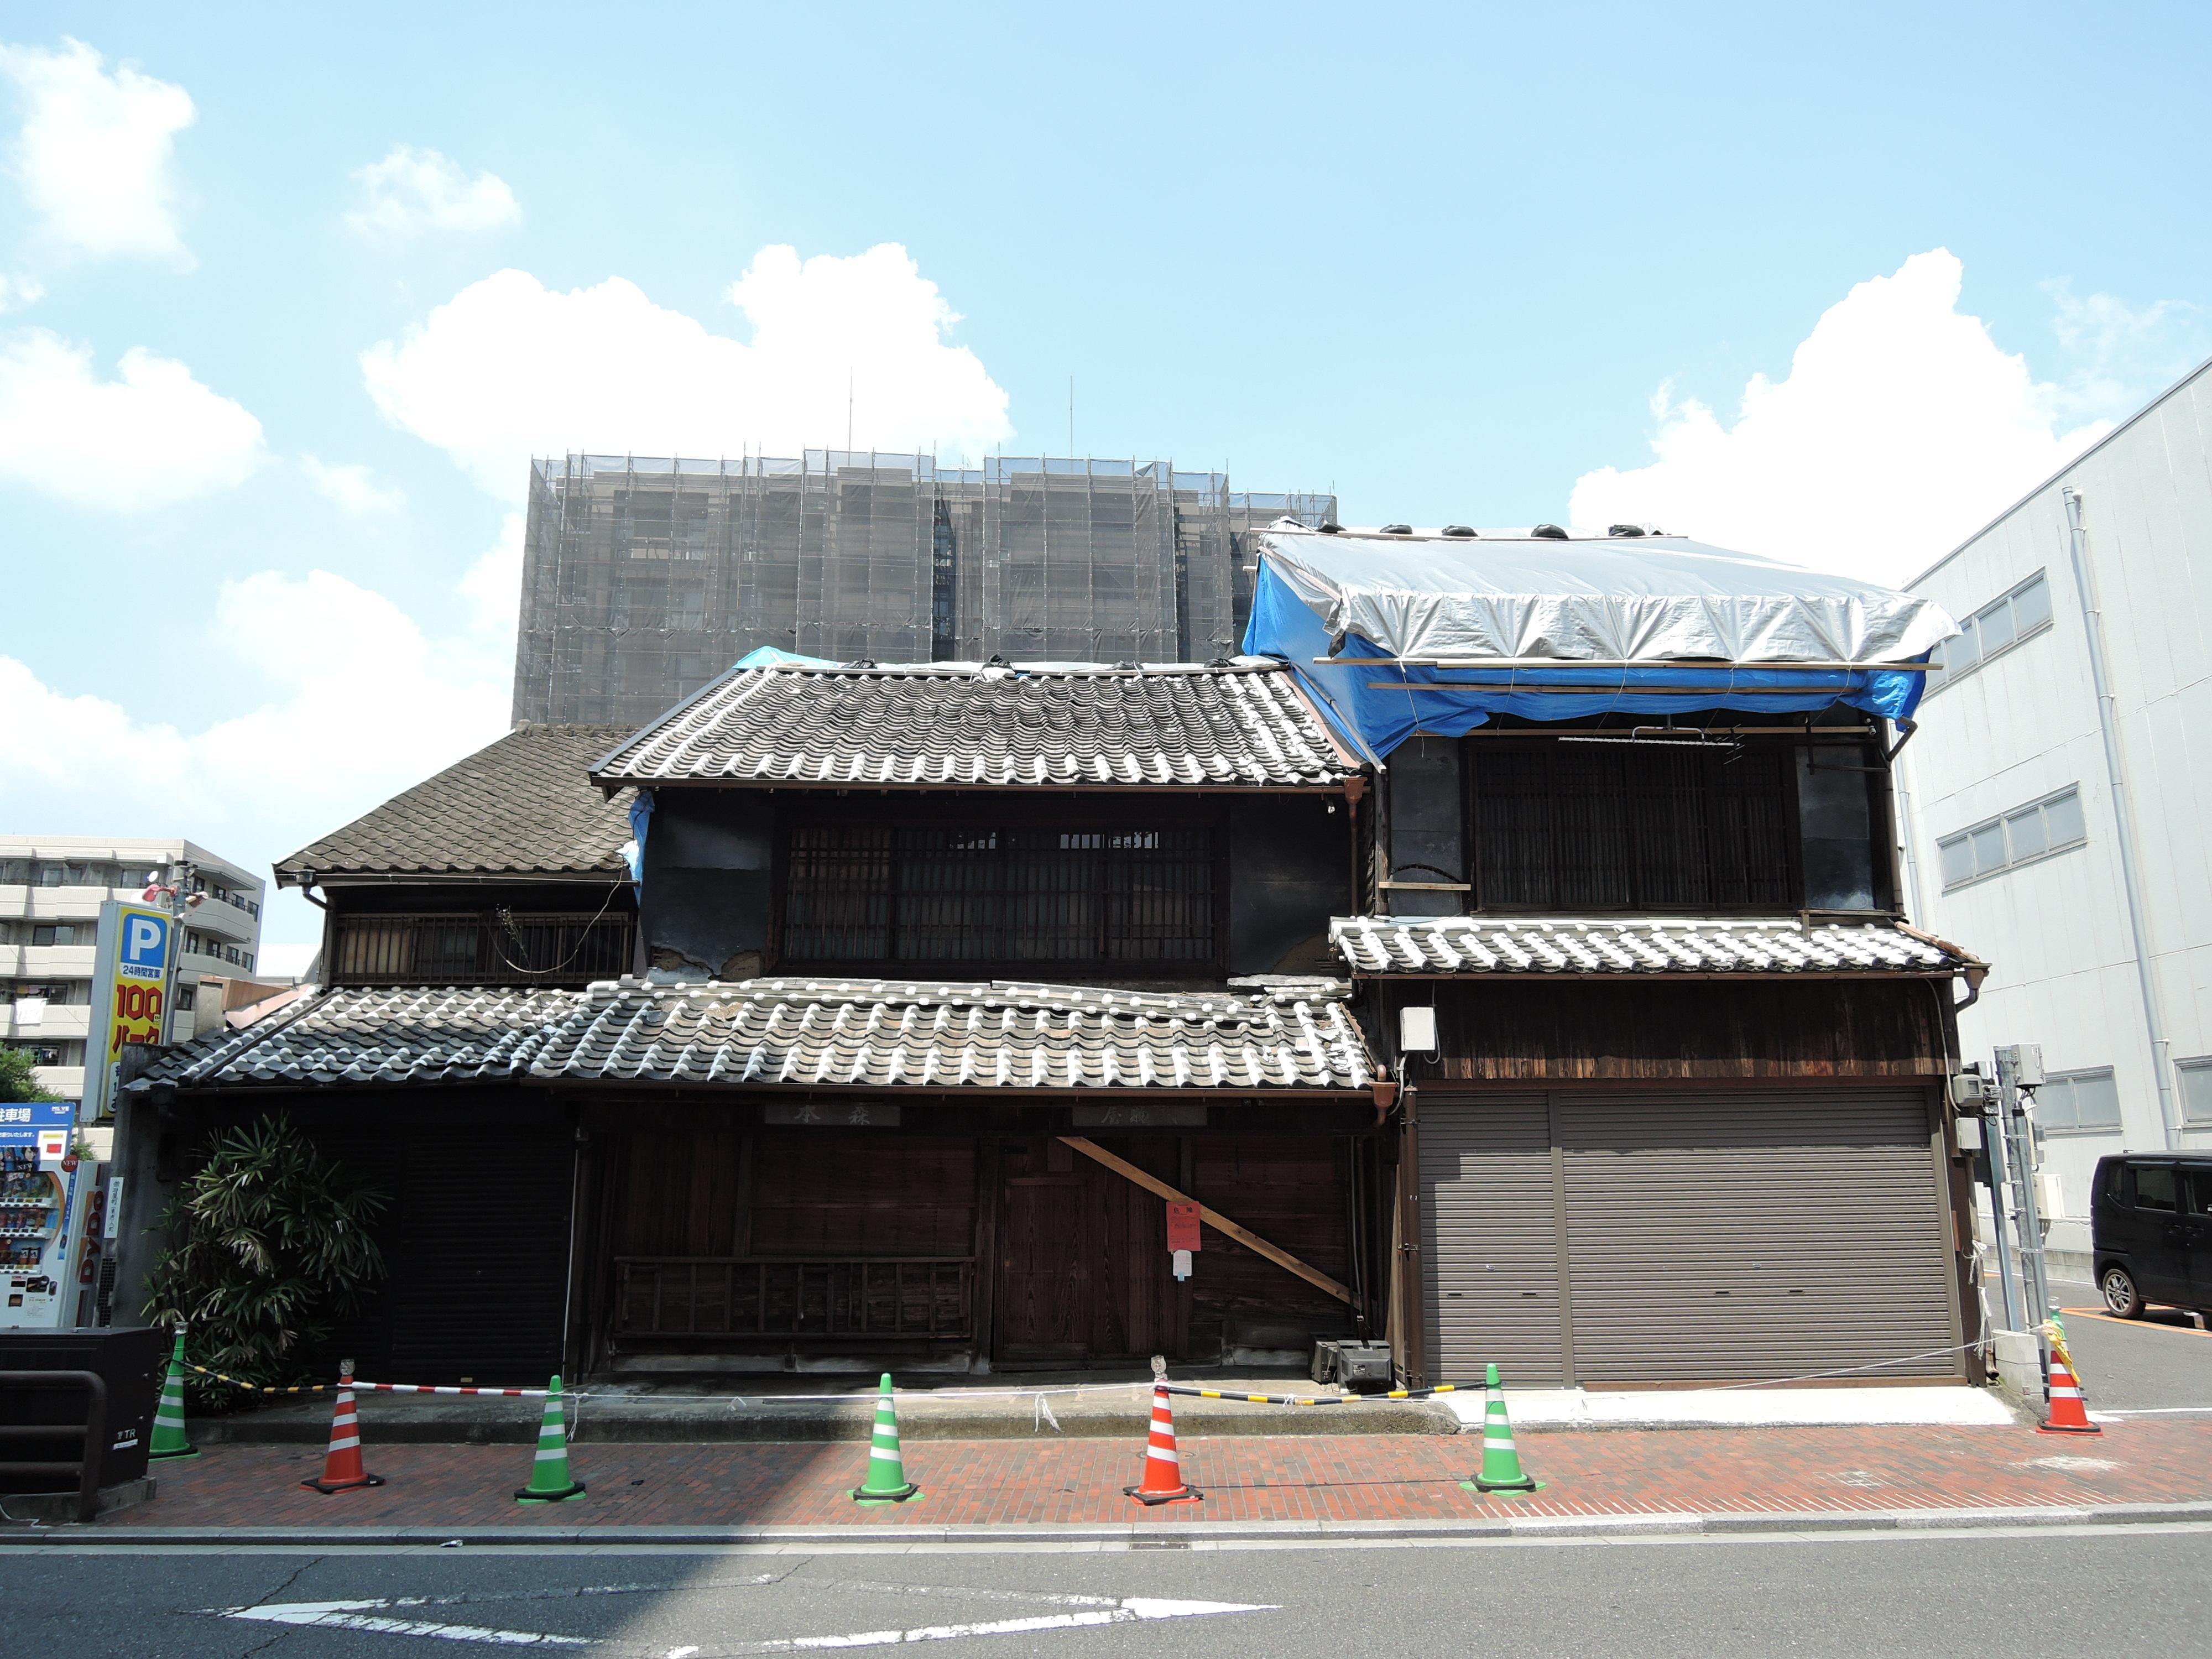 取り壊される前の森本襖表具材料店。お店を囲むこのあたりは、古くからの建物が並び、震災の影響が大きかったという。